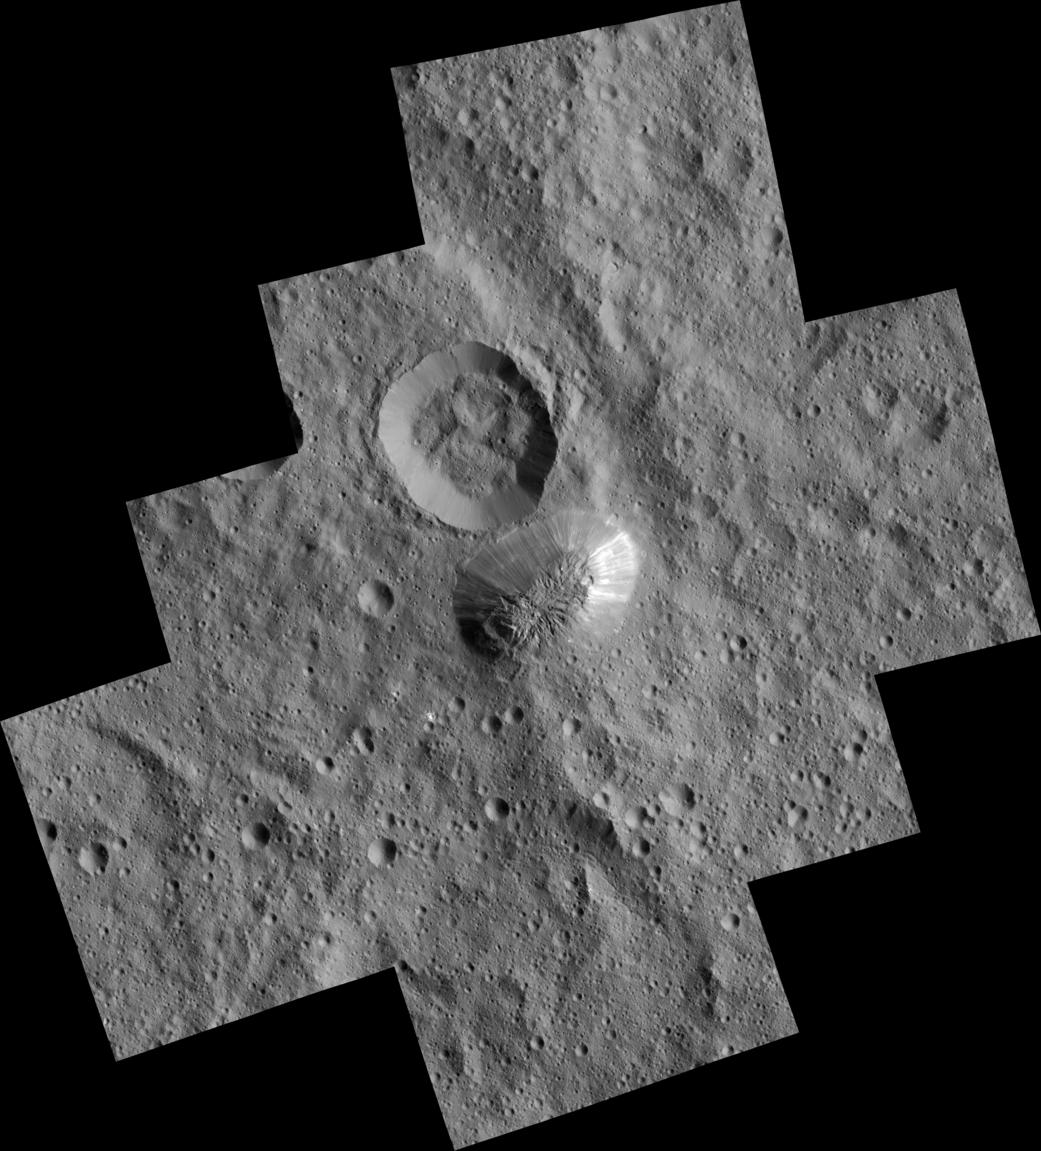 2016.3.8:太陽系で最も高い山、準惑星セレスのアウナ山